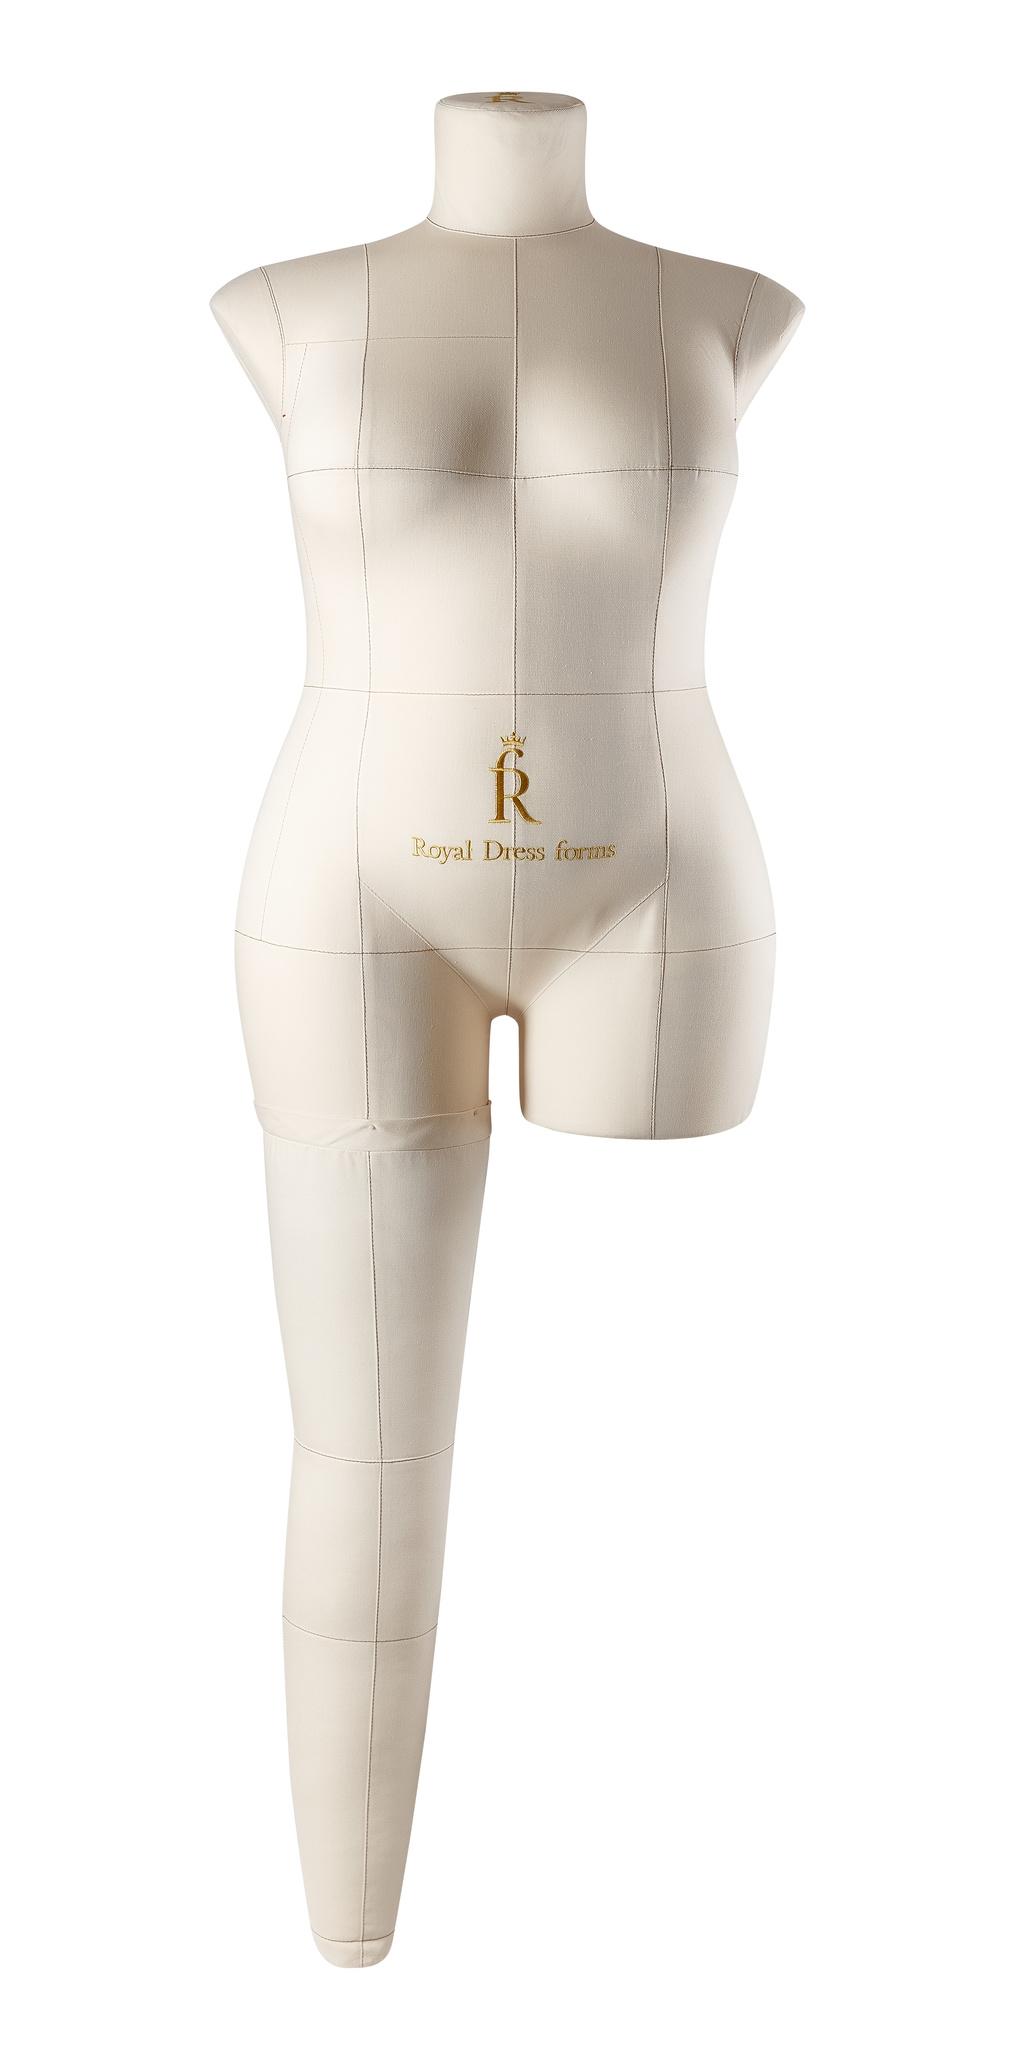 Нога бежевая для манекена Моника, 54 размер